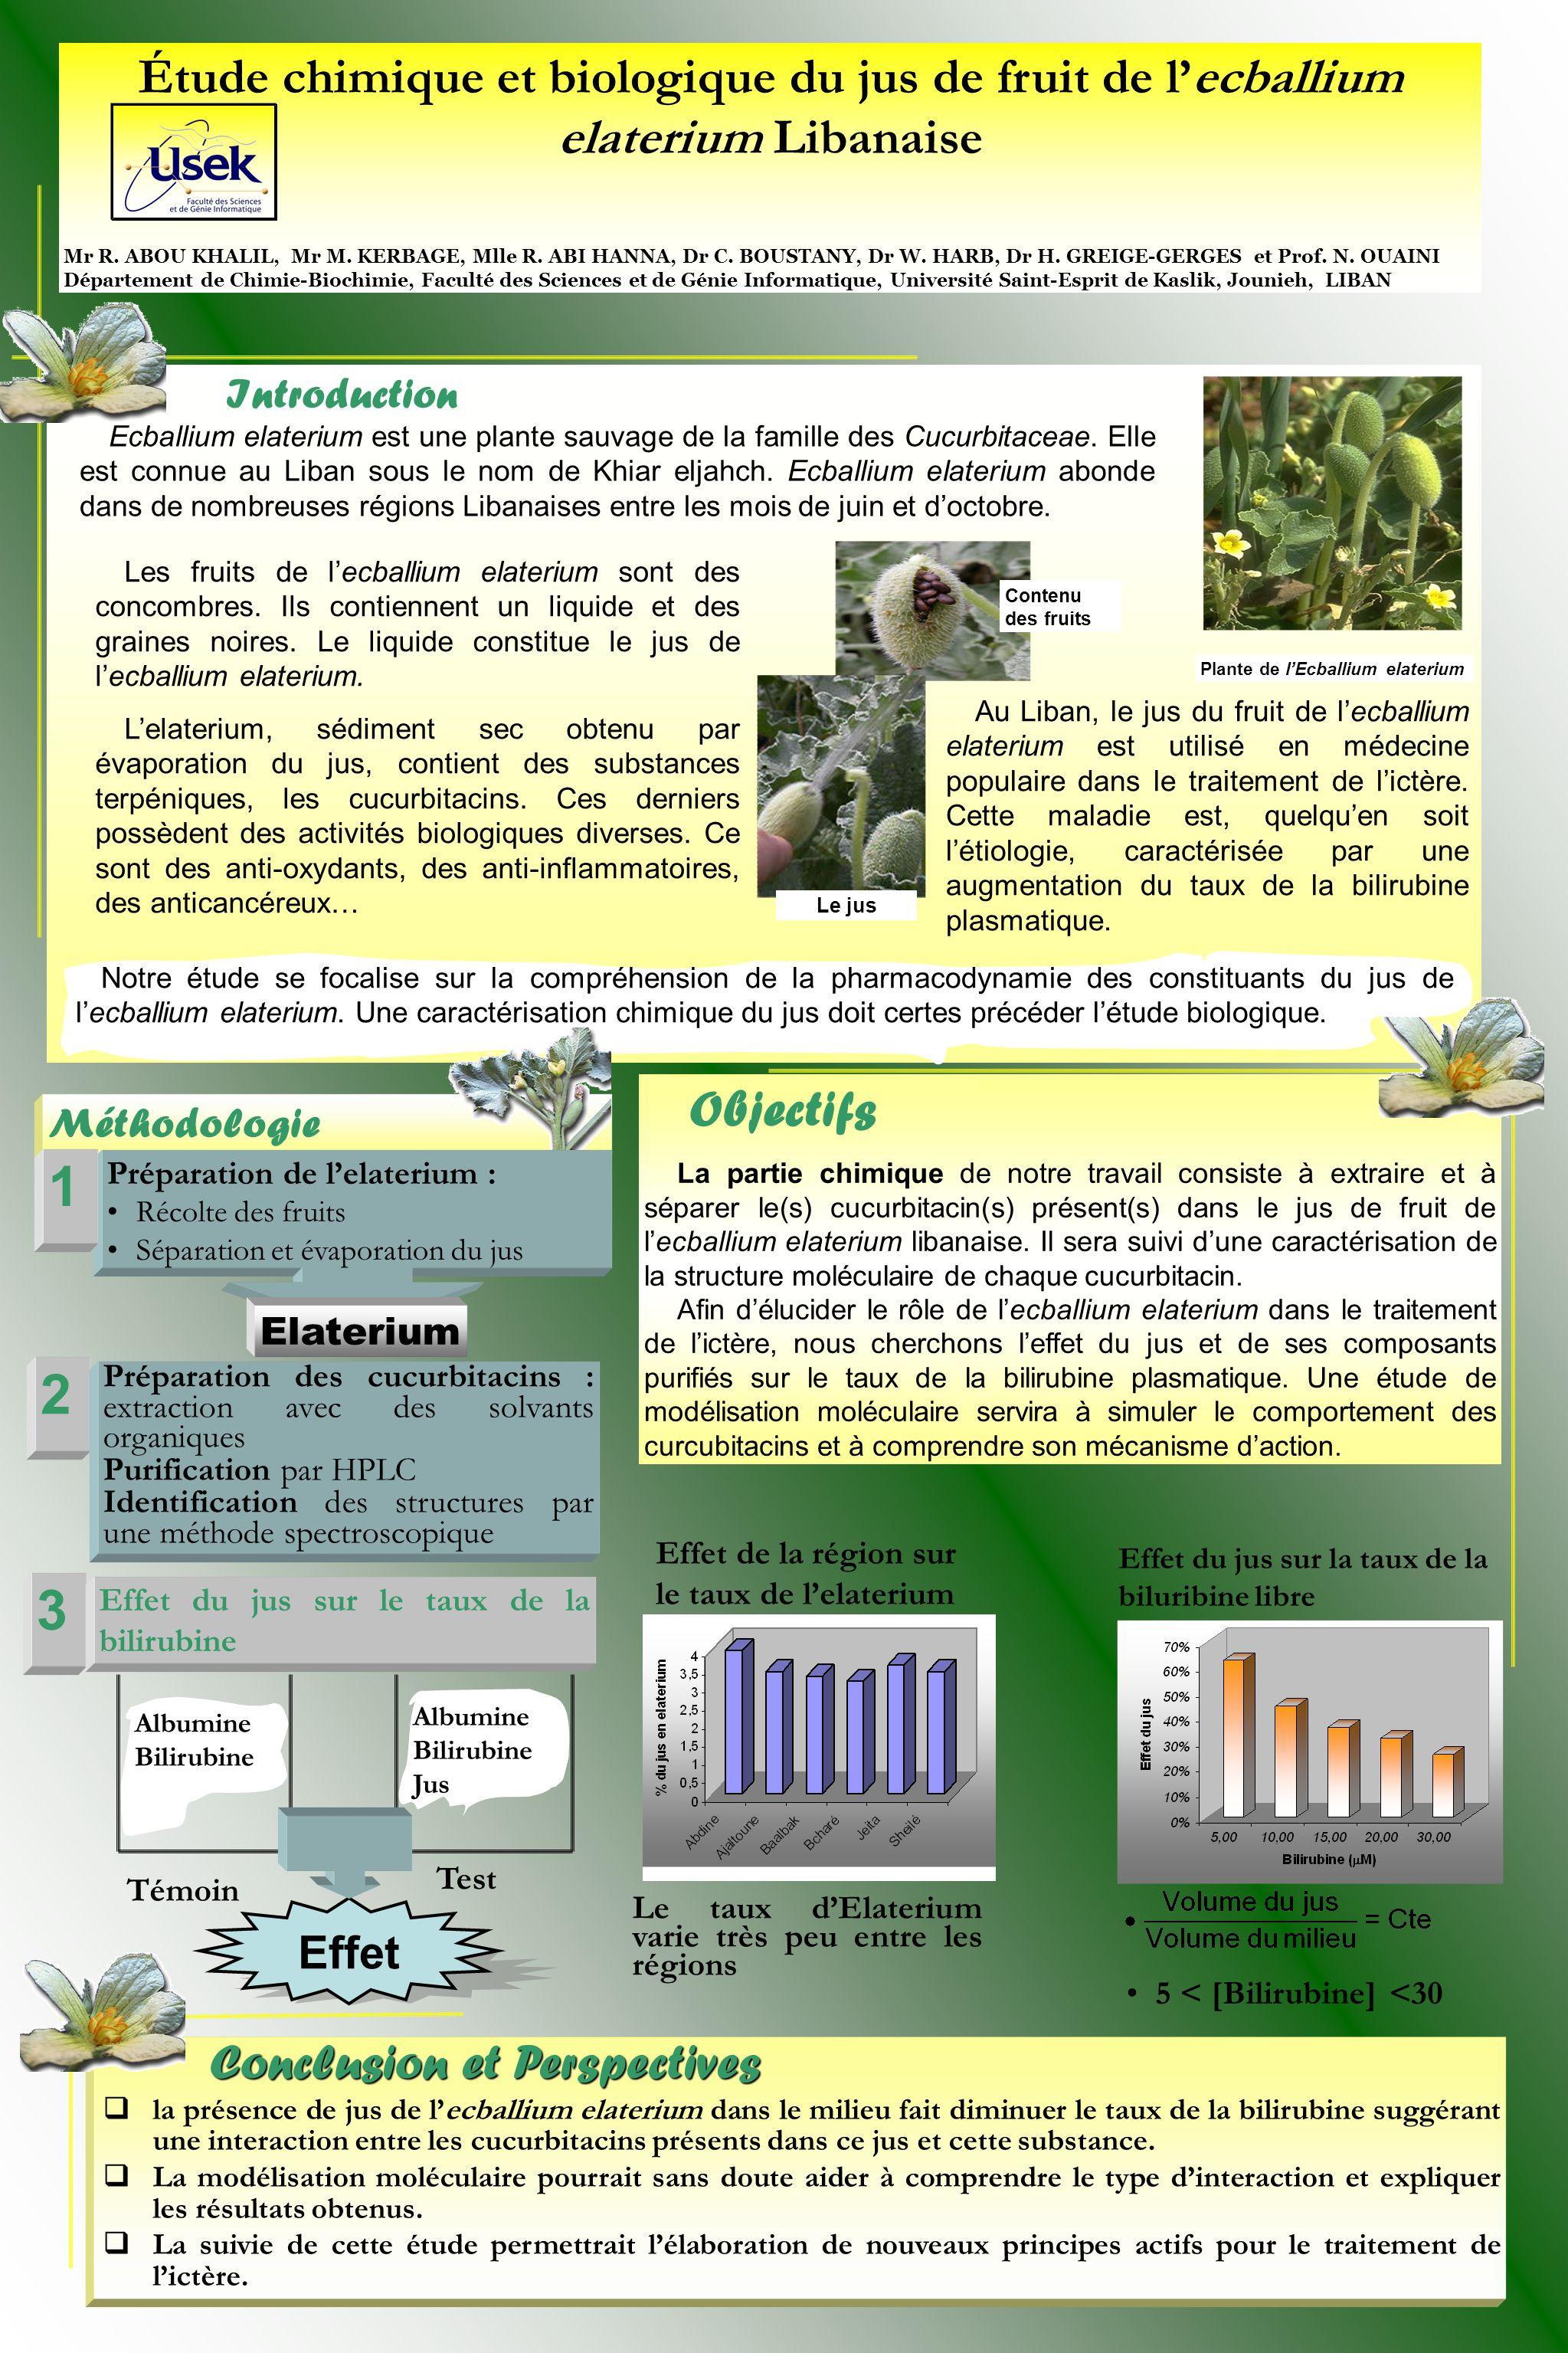 Étude chimique et biologique du jus de fruit de l'ecballium elaterium Libanaise